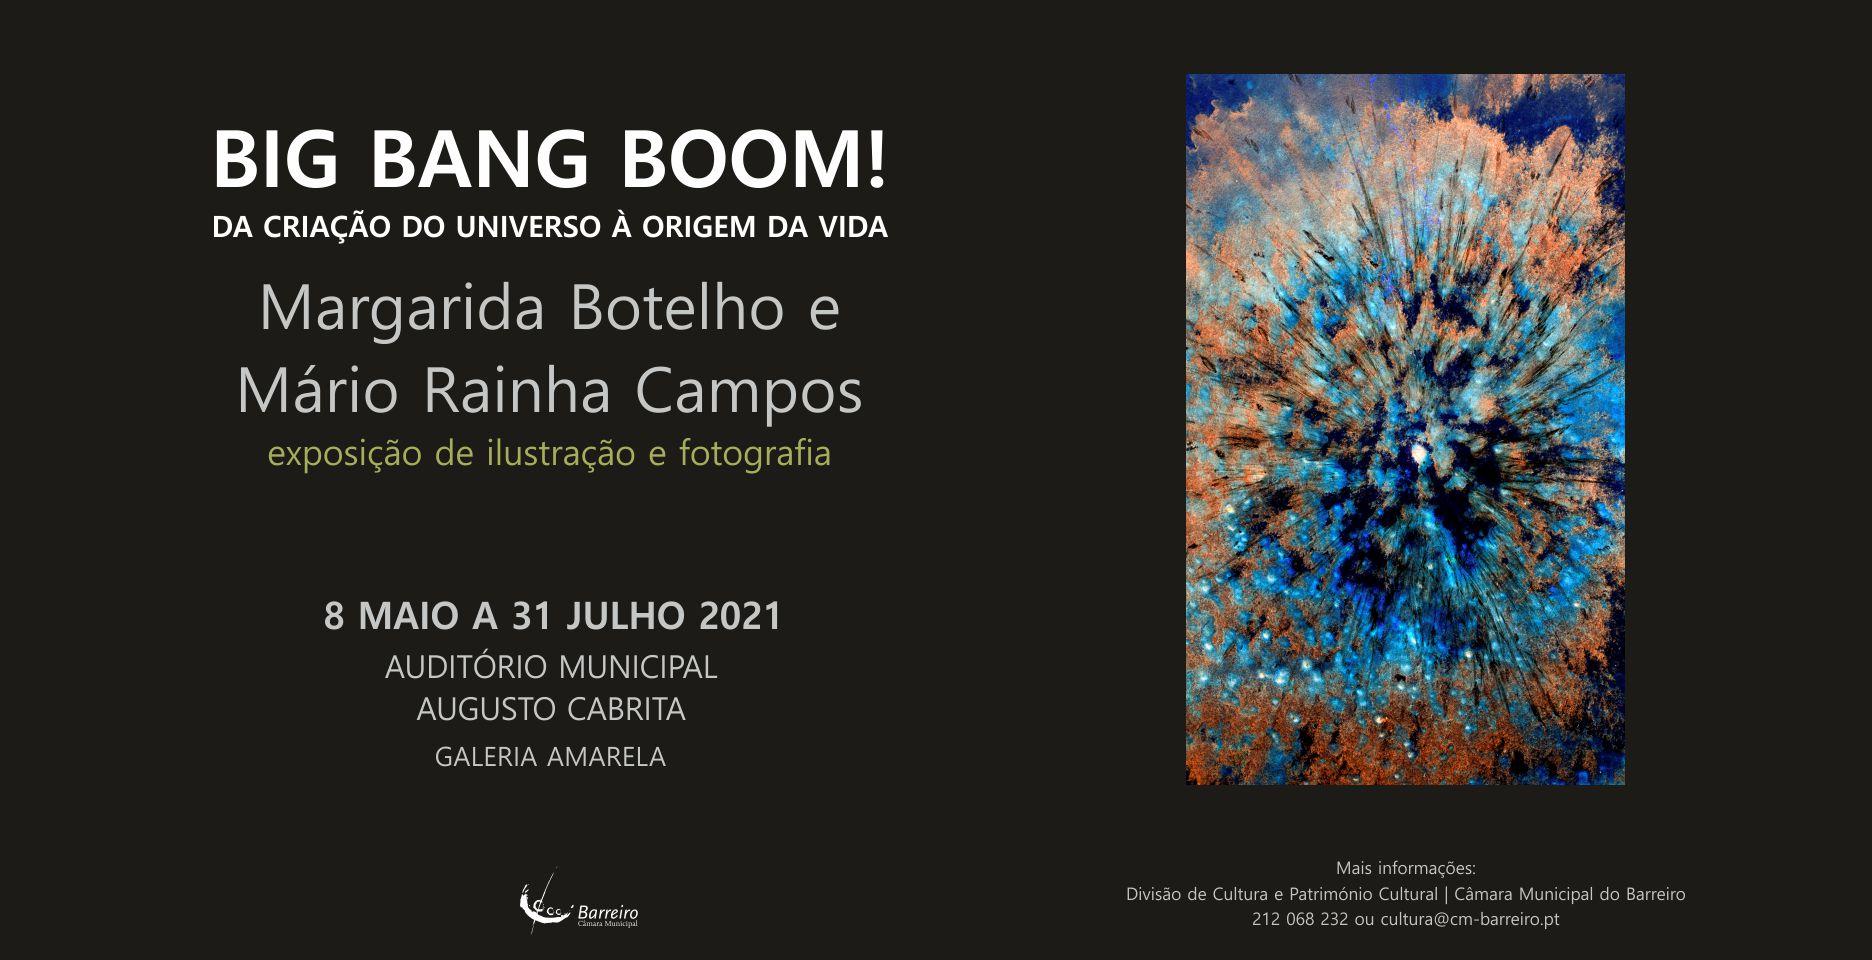 Big Bang Boom! Exposição de Margarida Botelho e Mário Rainha Campos | Inauguração